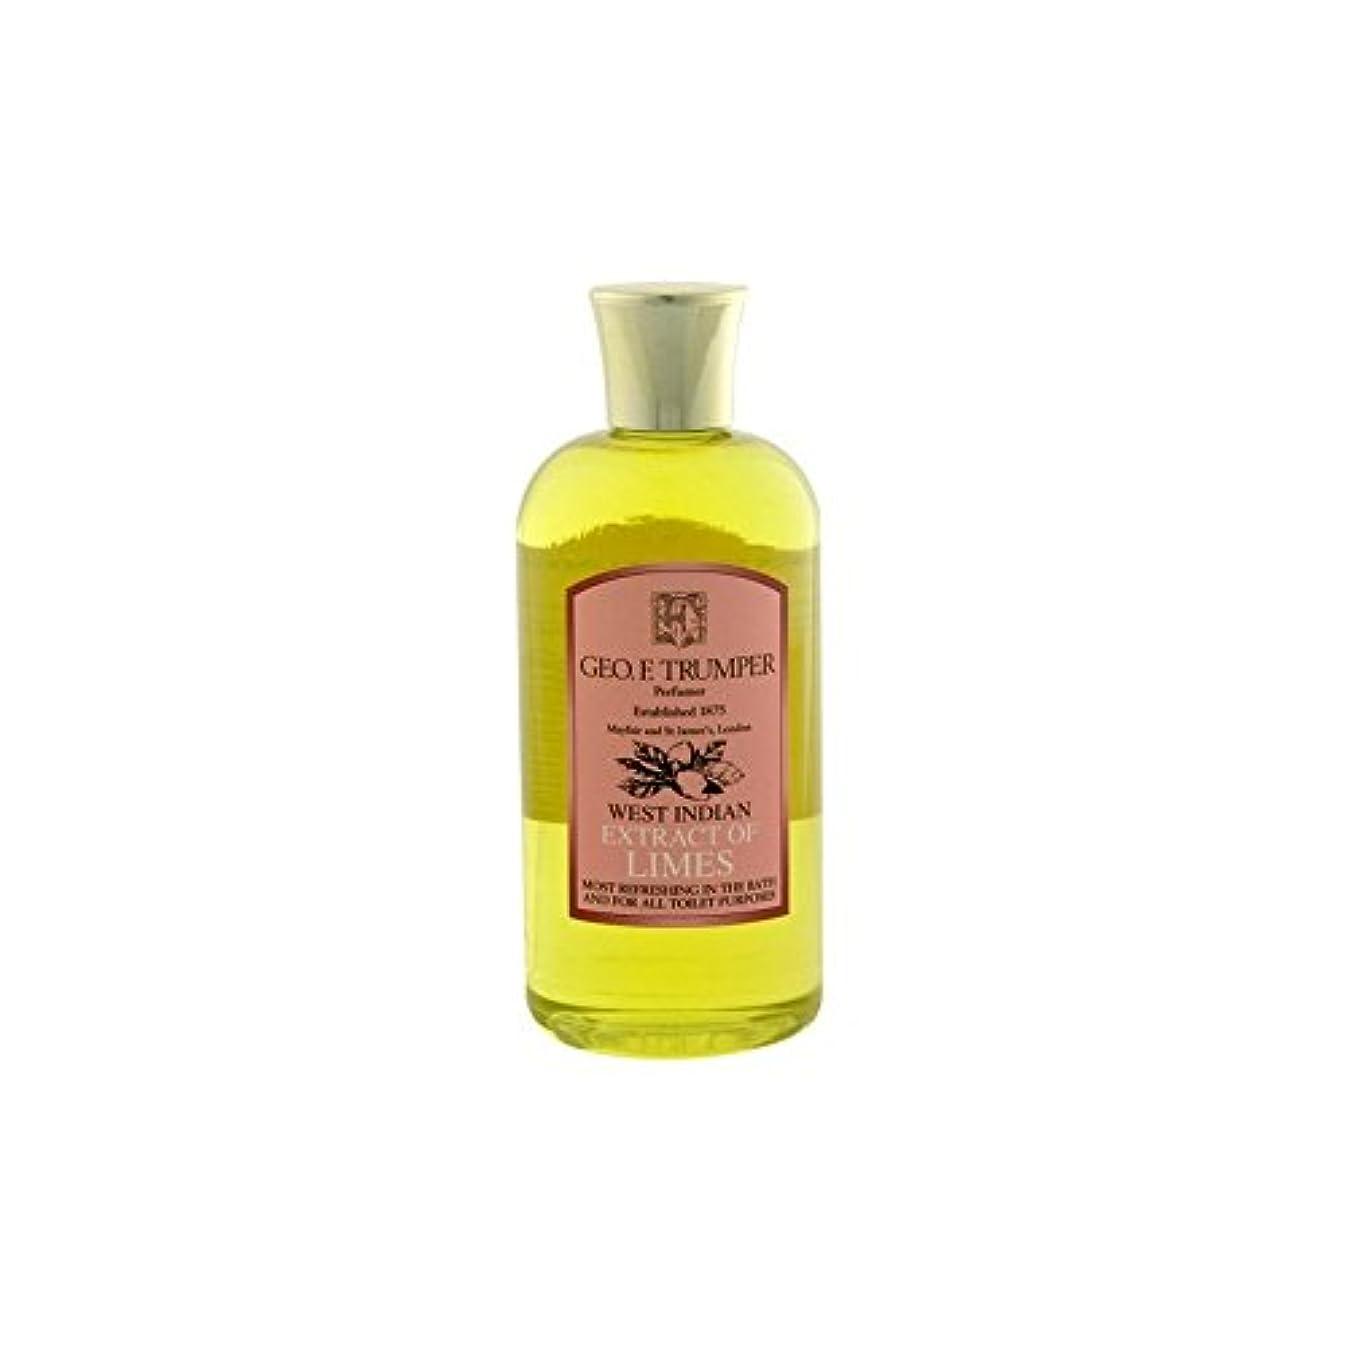 消毒する悲惨グローブライムのバス&シャワージェル - 500ミリリットル旅 x2 - Trumpers Limes Bath & Shower Gel - 500ml Travel (Pack of 2) [並行輸入品]